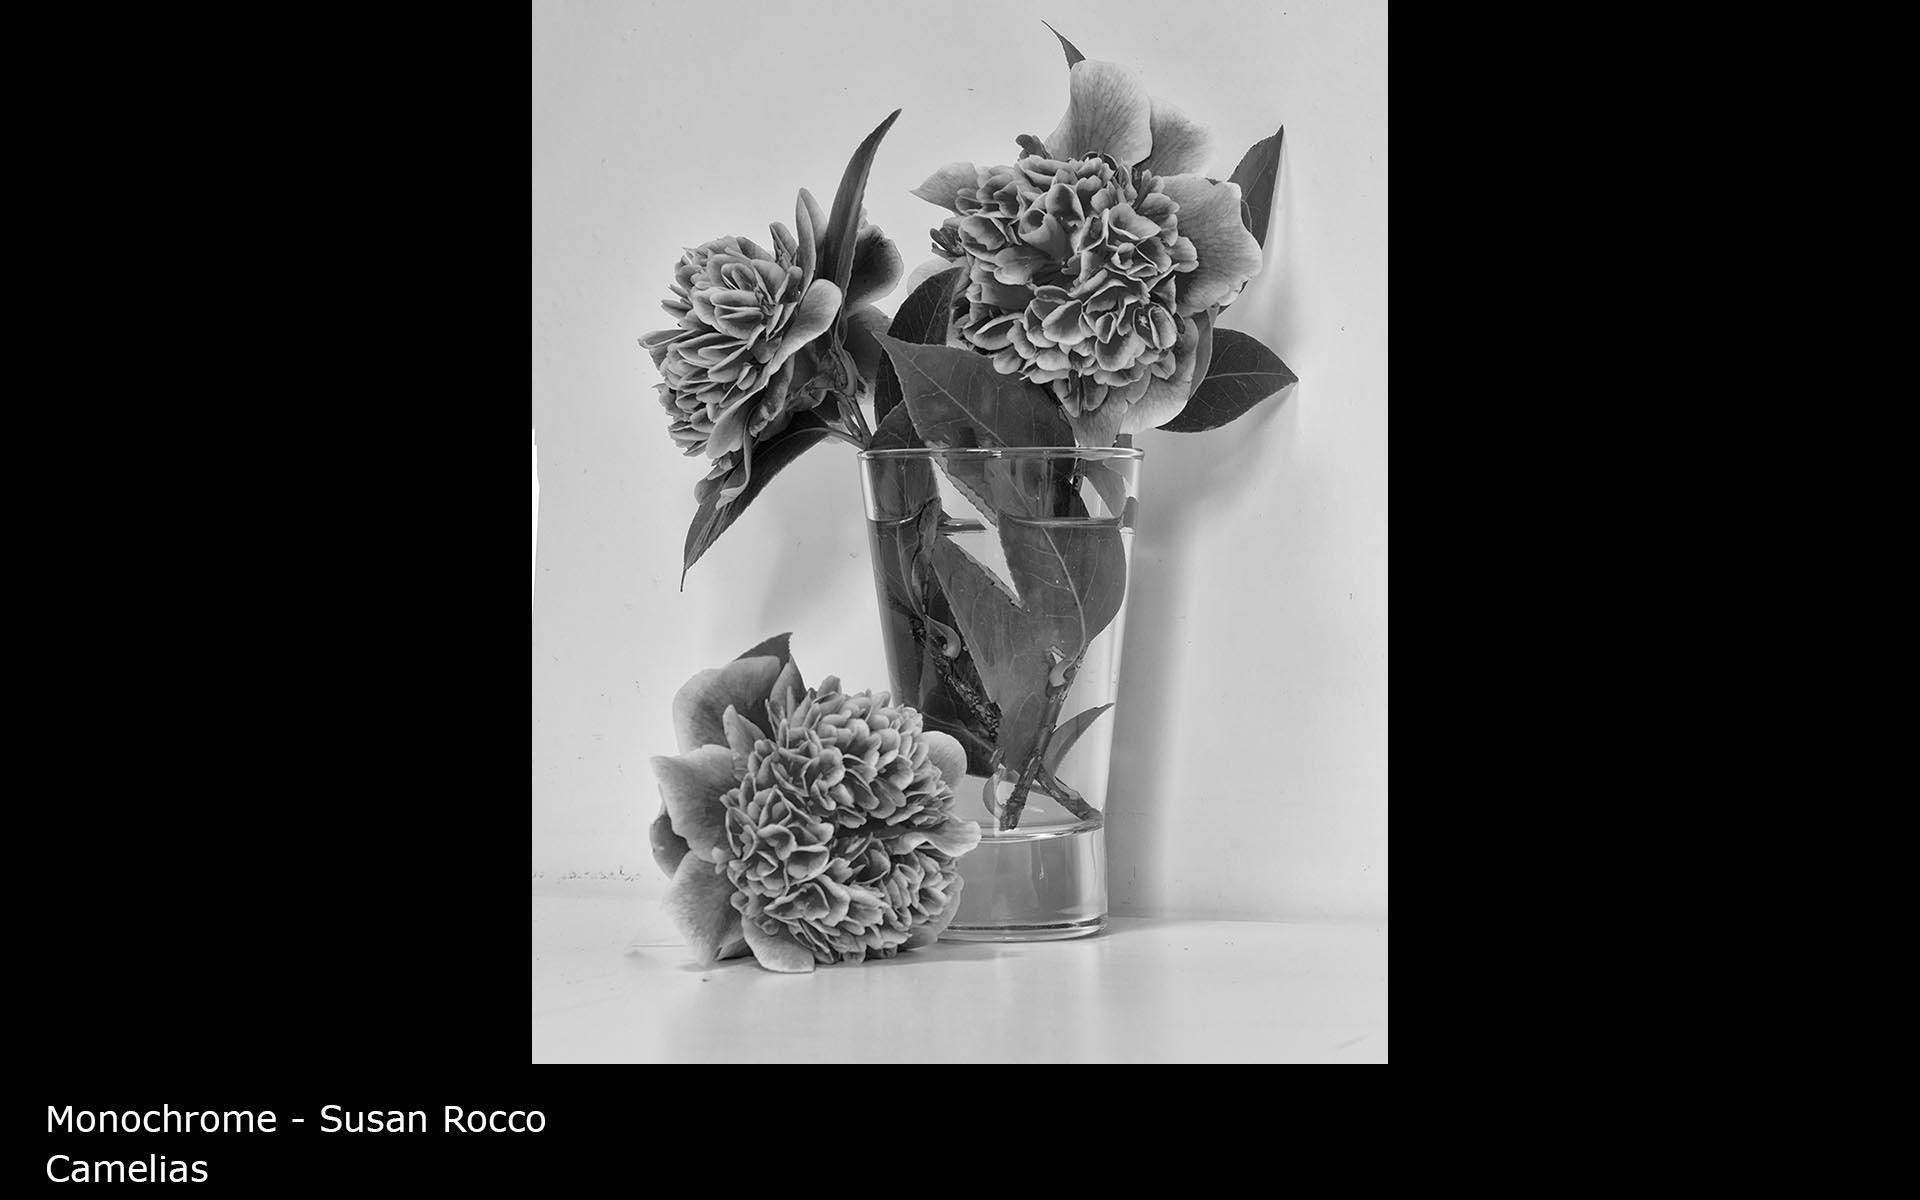 Camelias - Susan Rocco